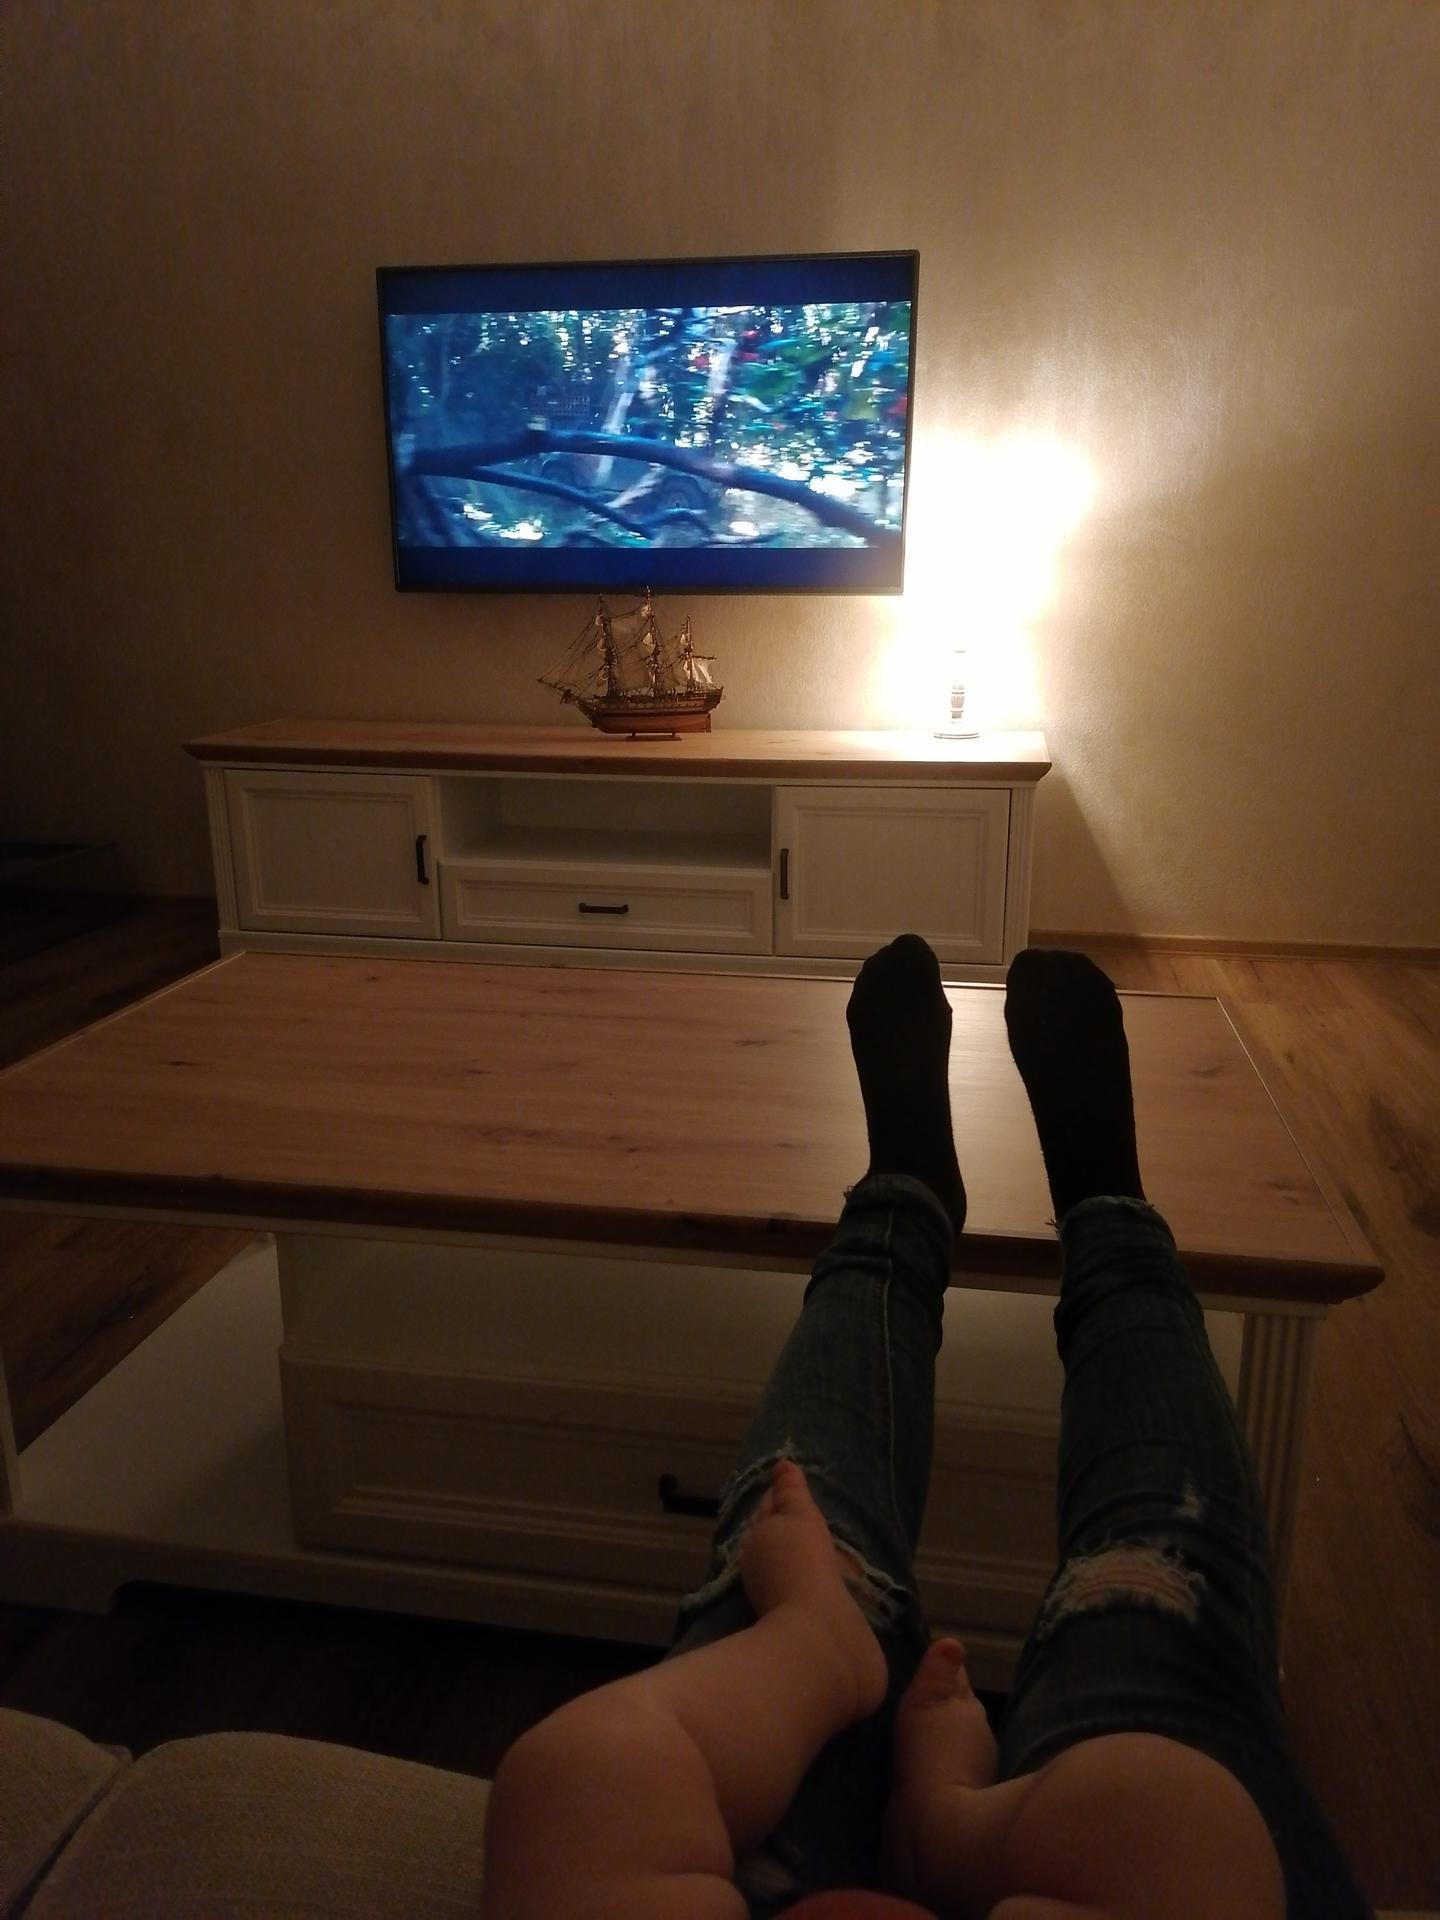 Náš český farmhouse ❤️ - Konečně přišel na řadu i obývák. Po X hodinách máme smontovany TV stolek a konferak.. Zlatá IKEA 😃